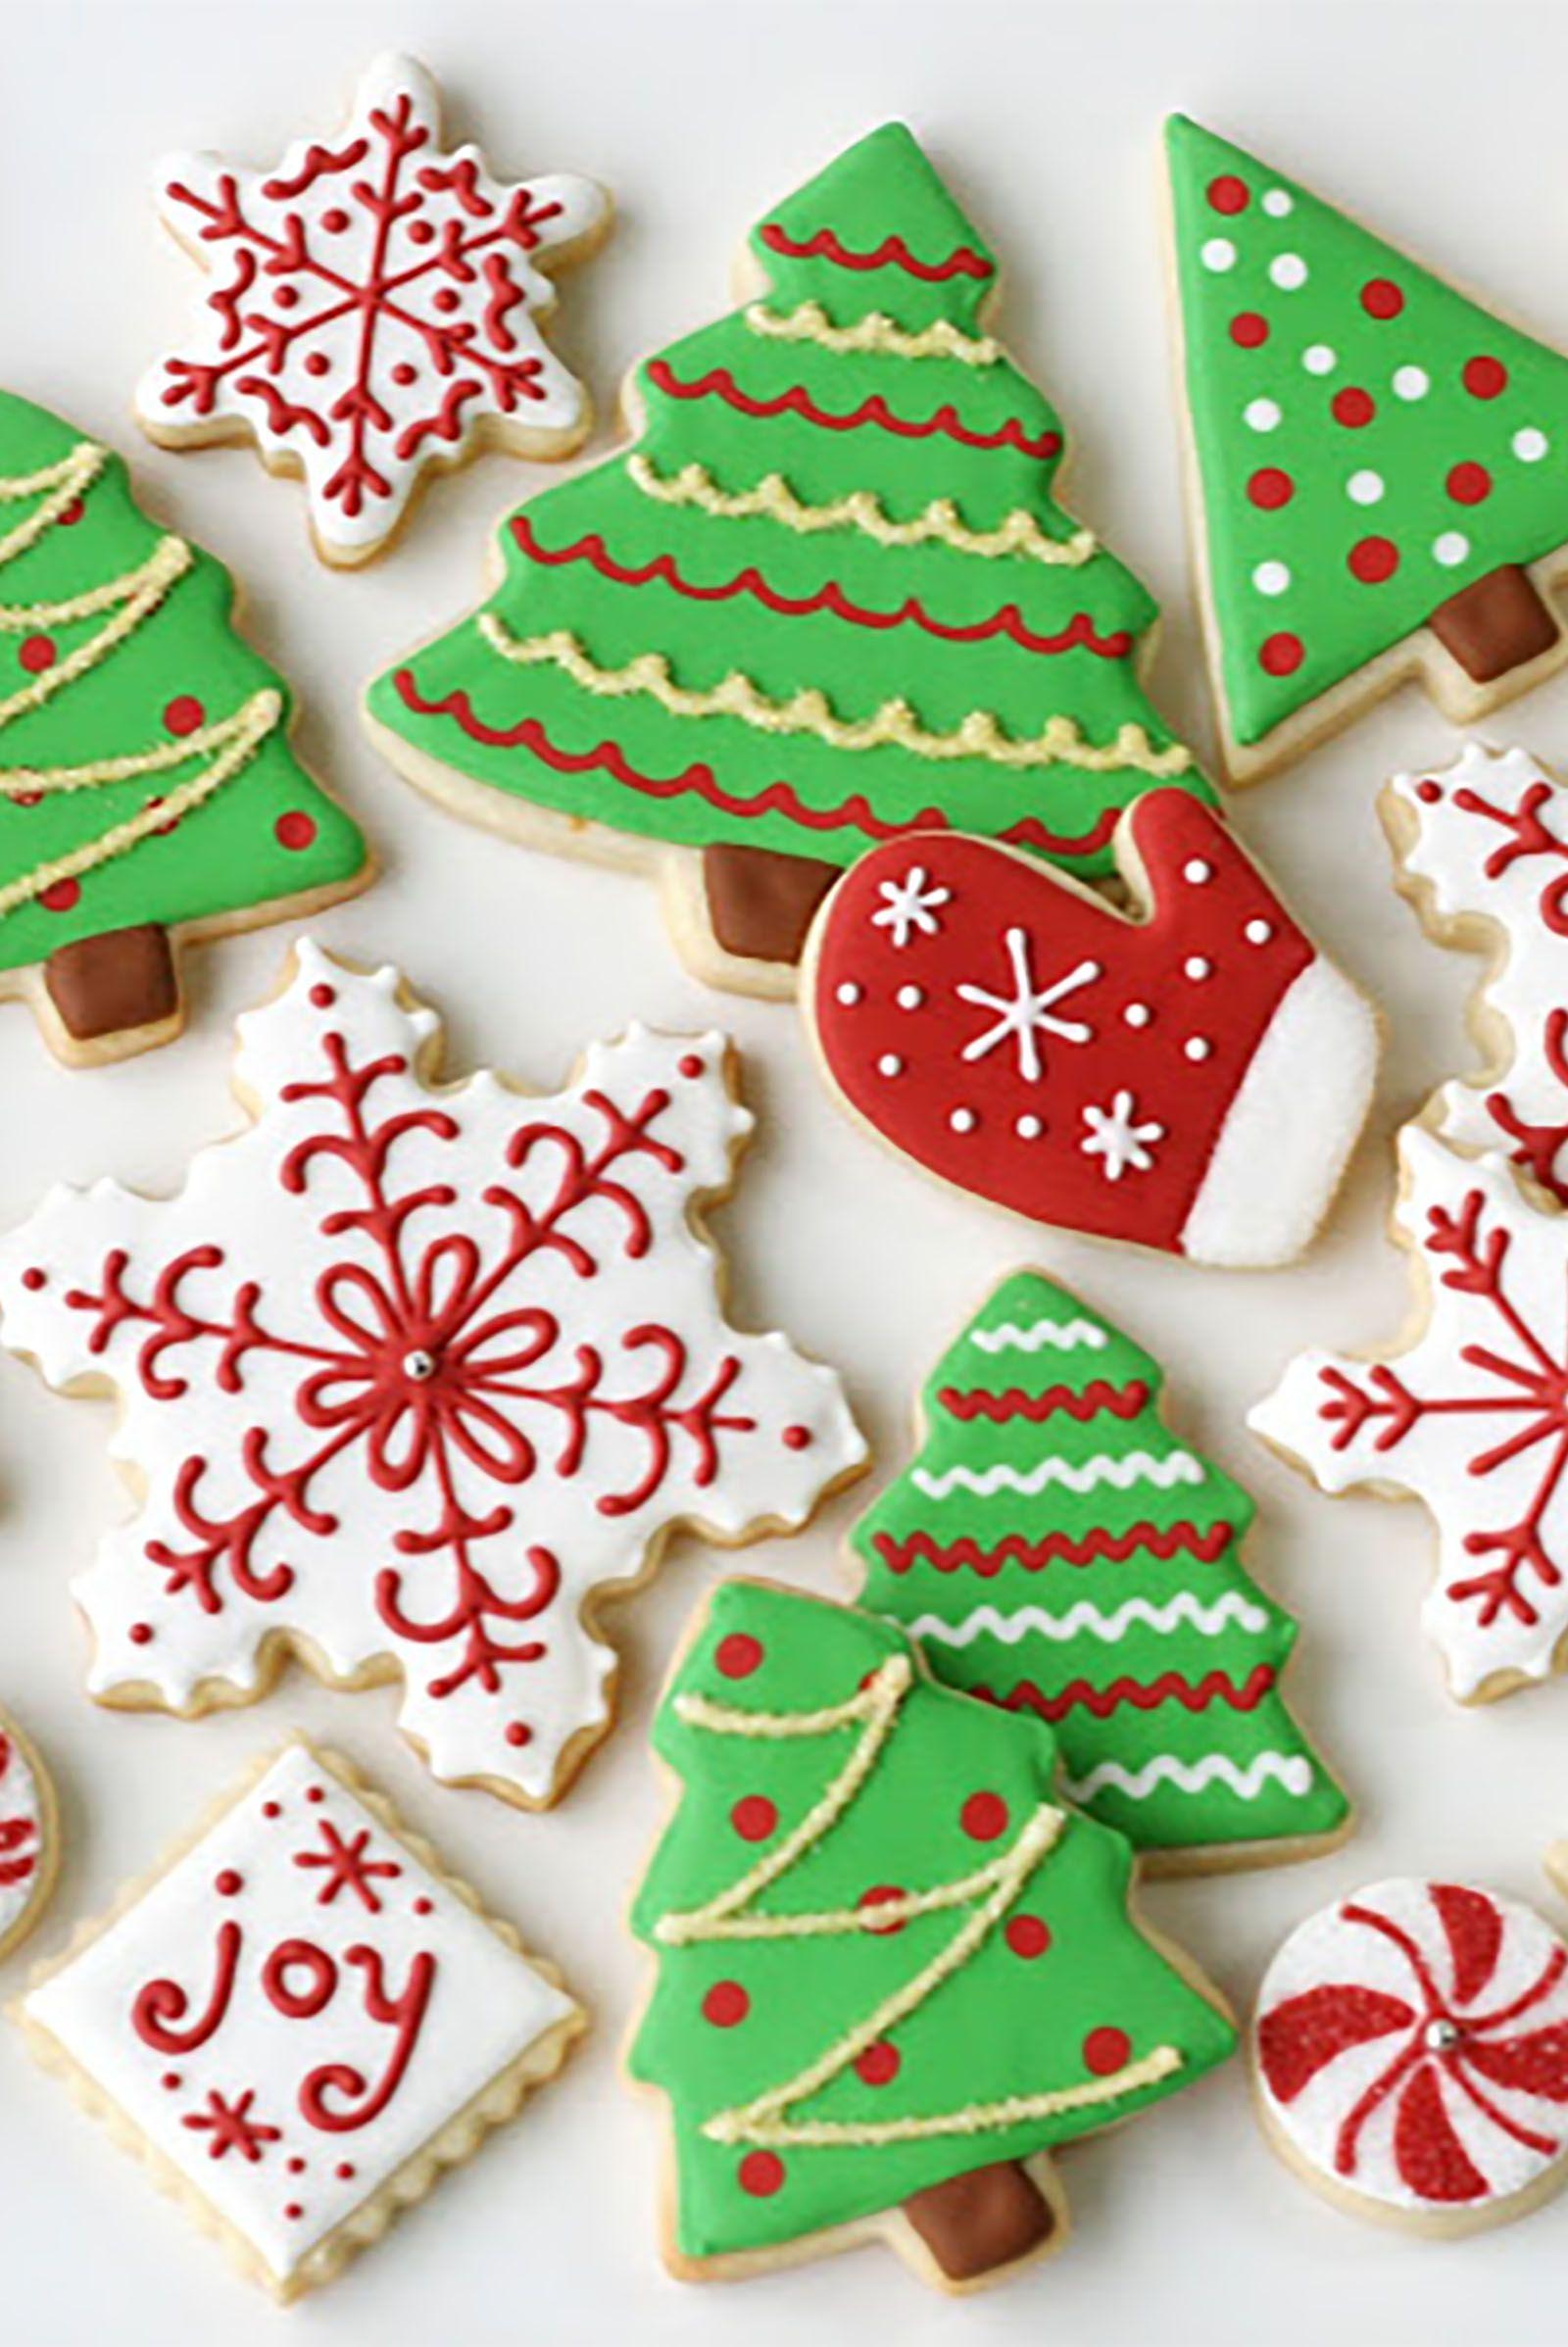 Image Result For Royal Icing Christmas Cookies Christmas Sugar